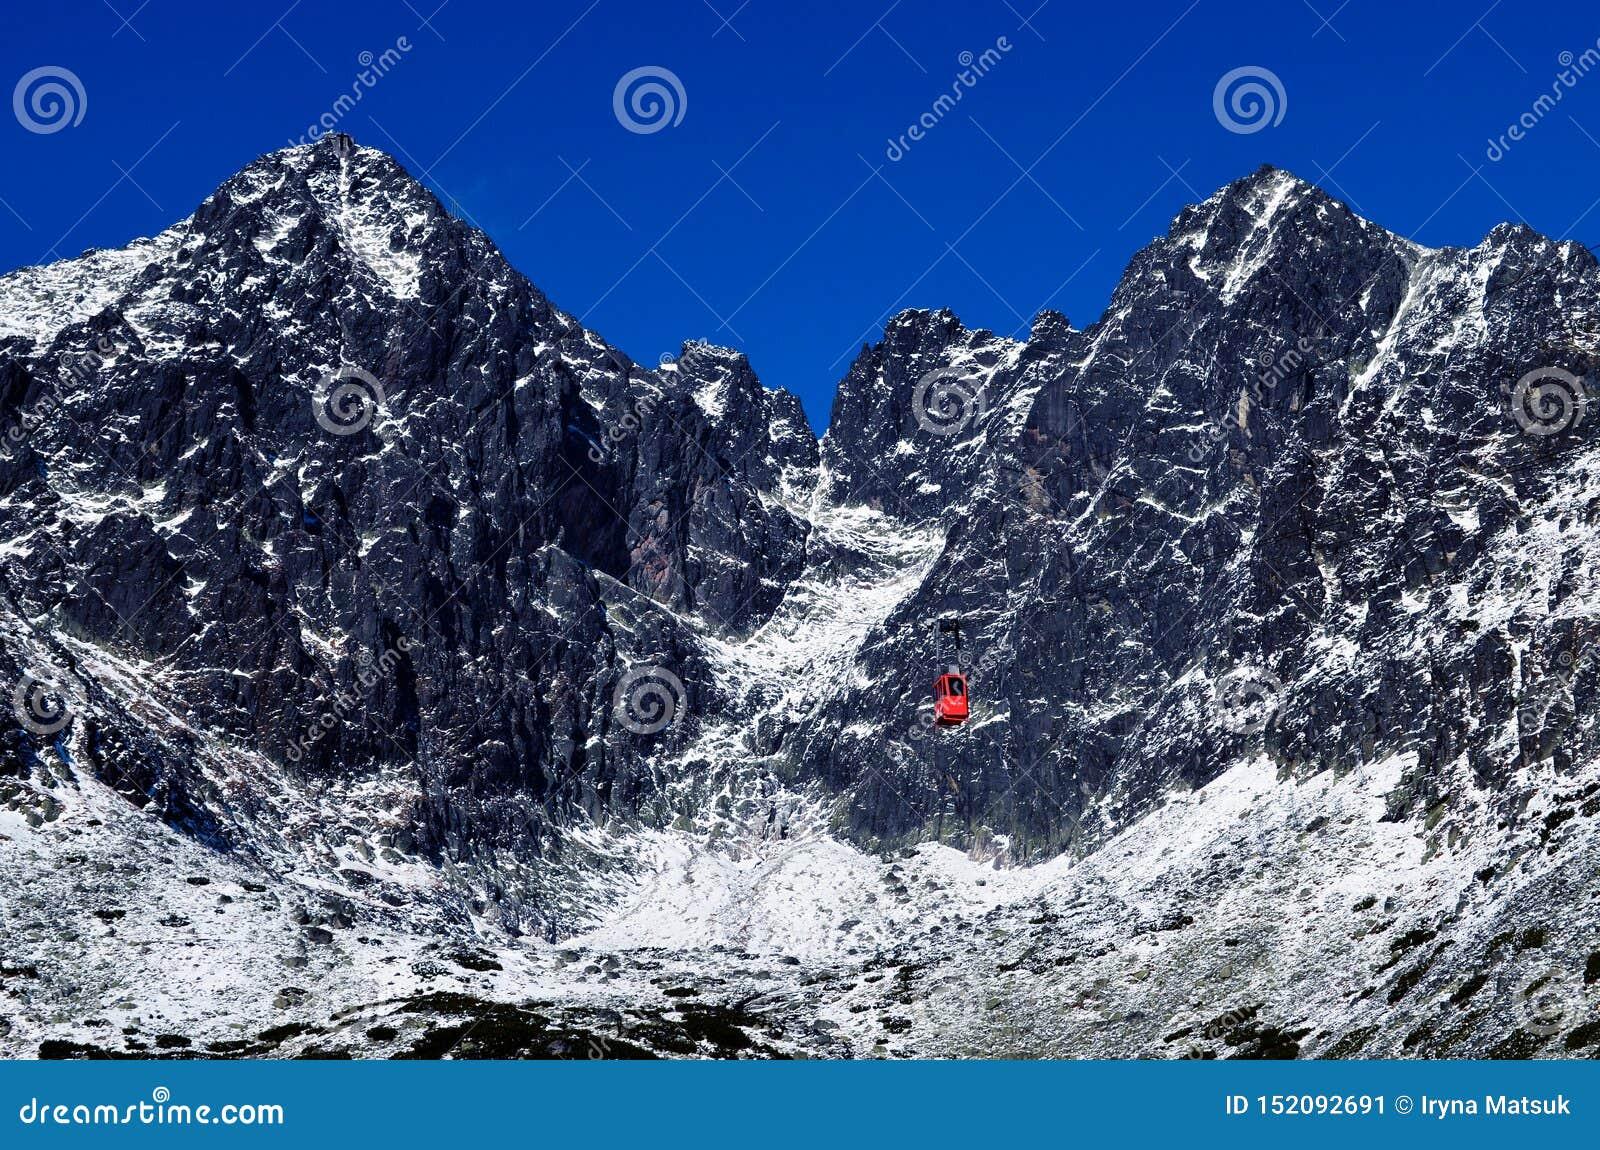 Grote mooie mooie bergen in de sneeuw